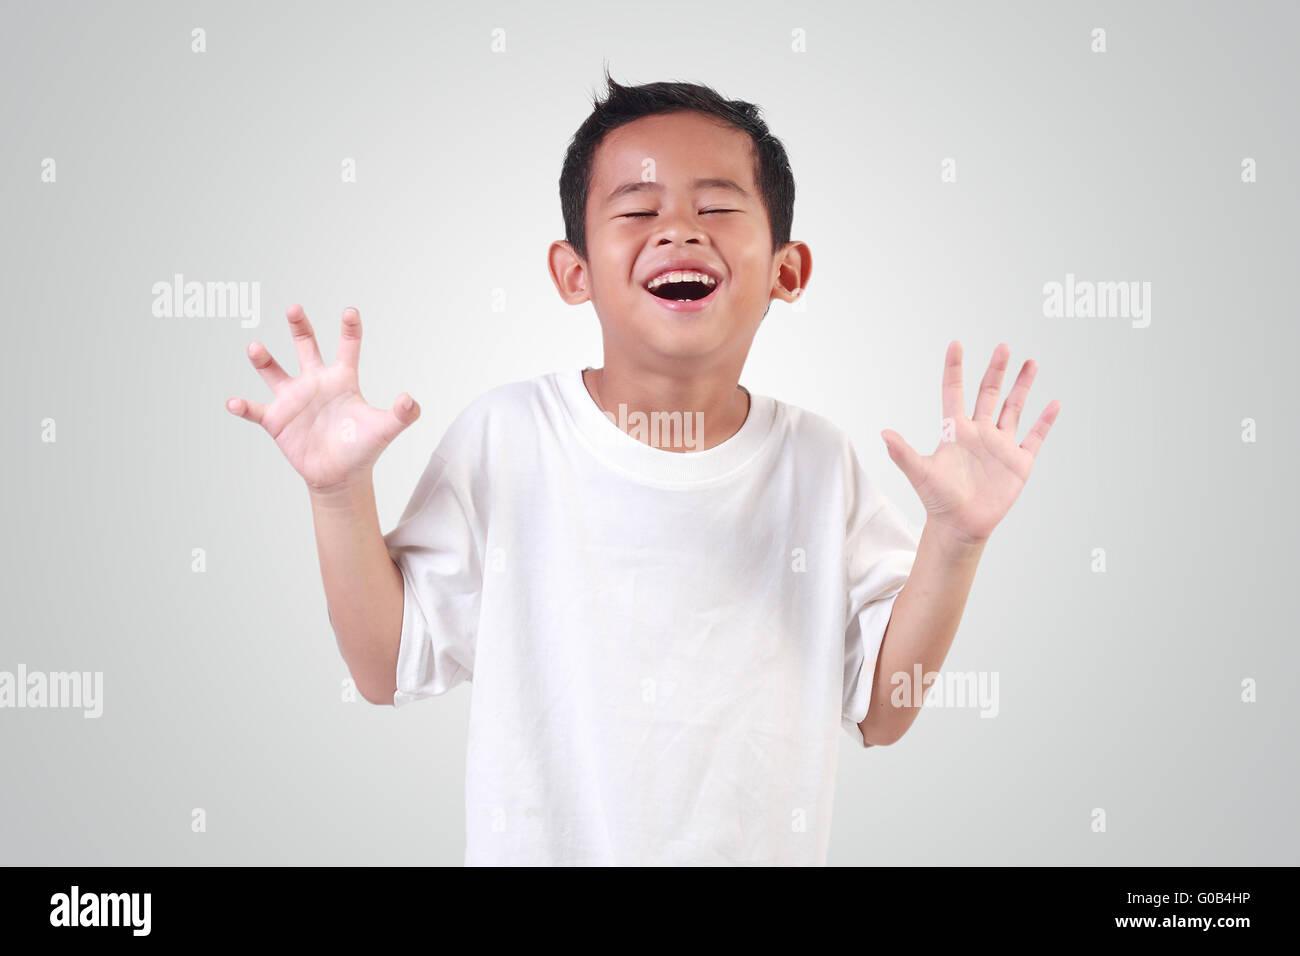 edb4f7b235 Retrato de niño en Asia feliz con pelo negro vistiendo franela blanca riendo  y aumentando sus